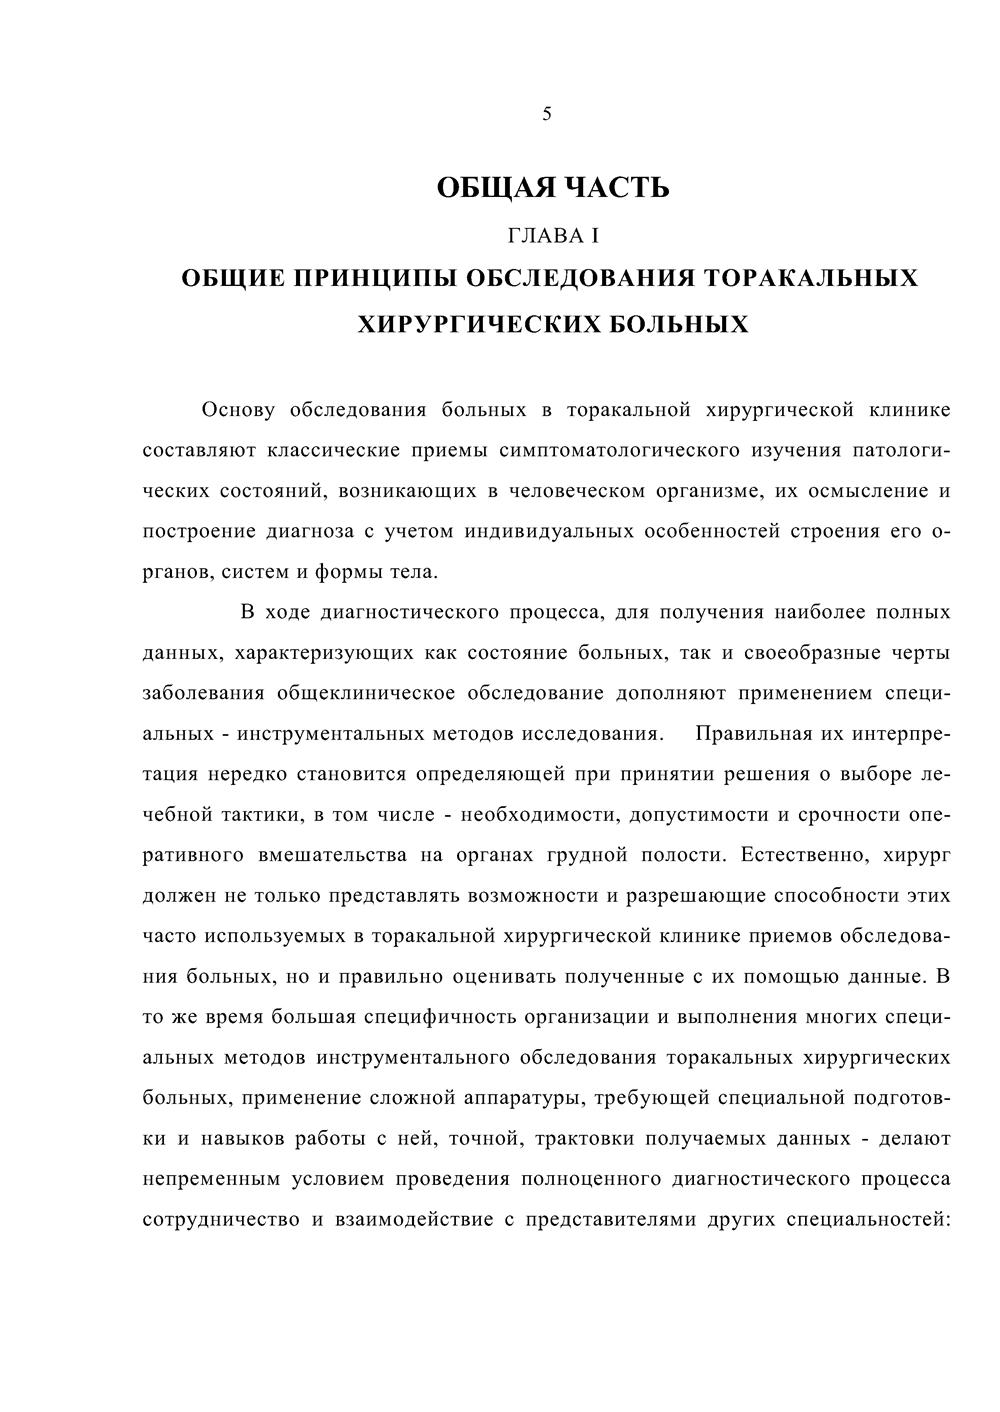 http://ipic.su/img/img7/fs/p0012.1591856266.jpg